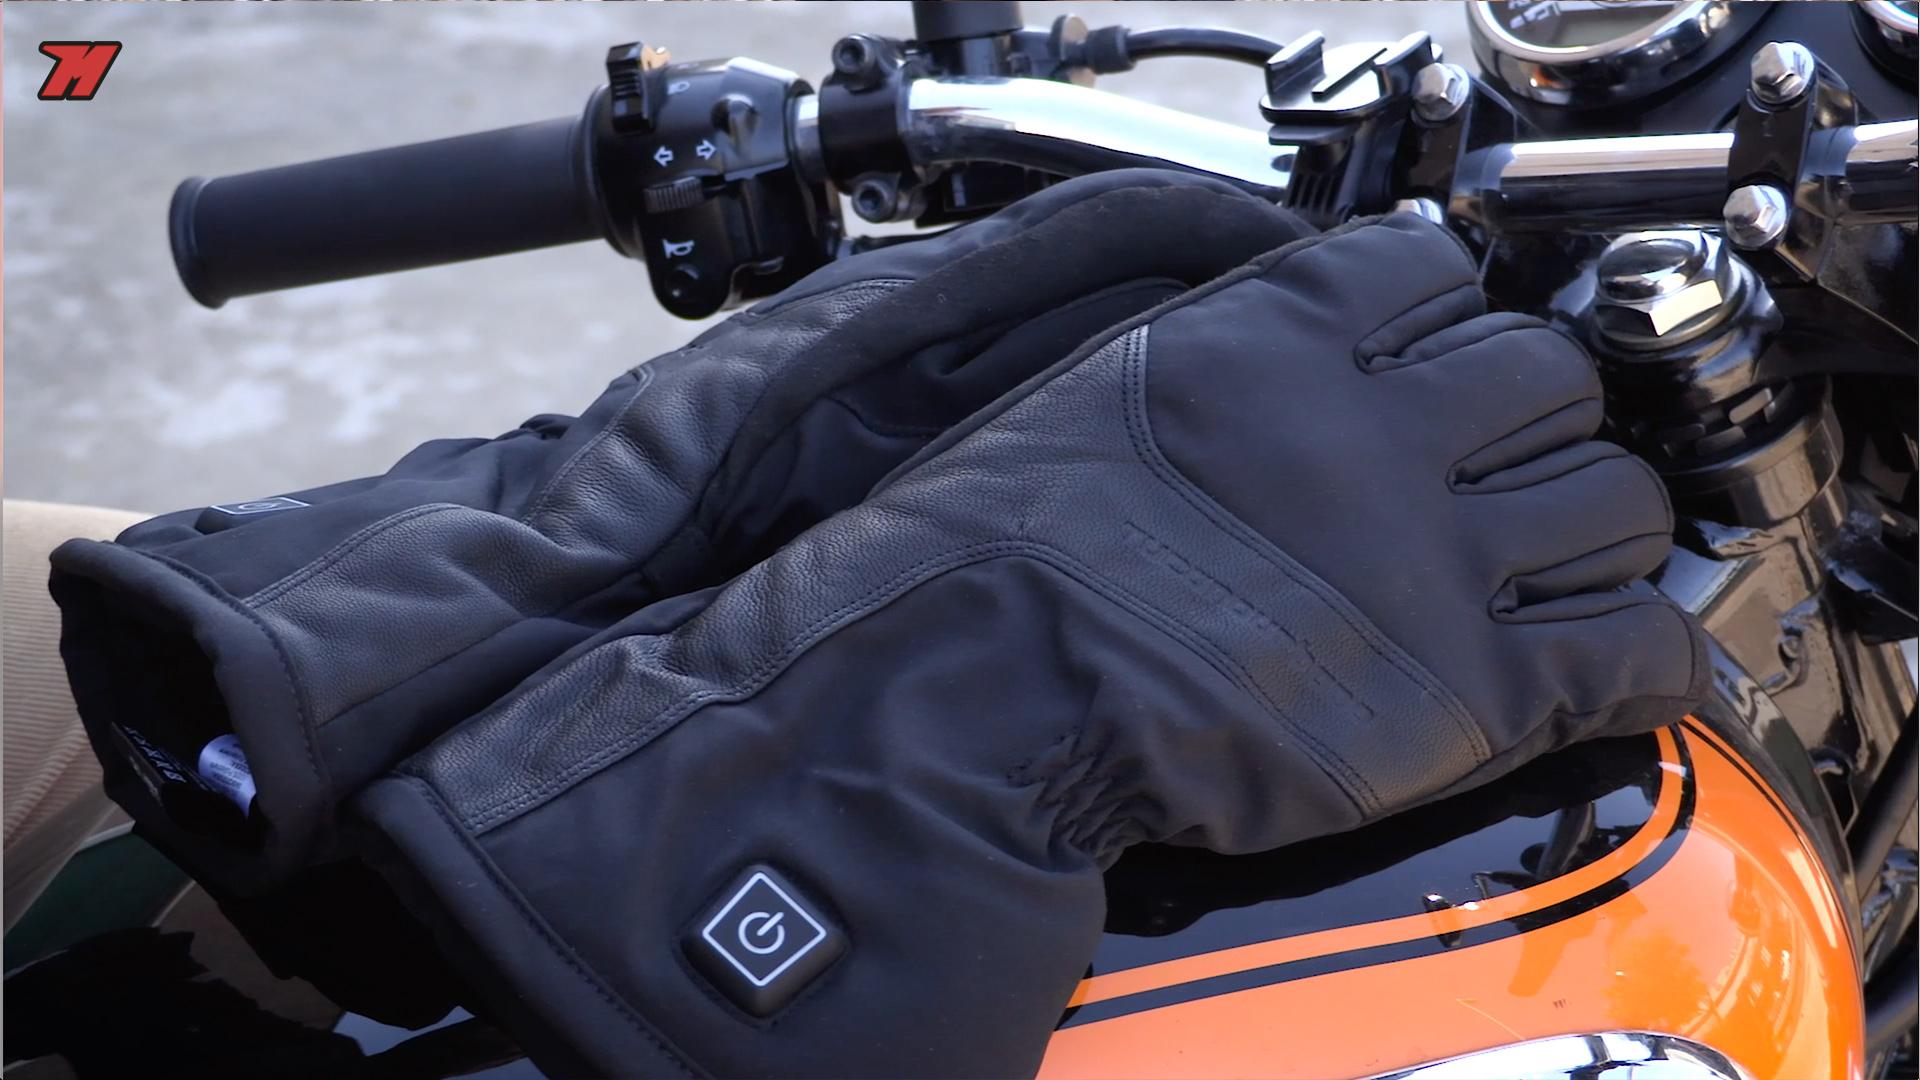 vente à bas prix emballage élégant et robuste inégale en performance Quels gants chauffants de moto choisir ? Tucano ou Garibaldi ...